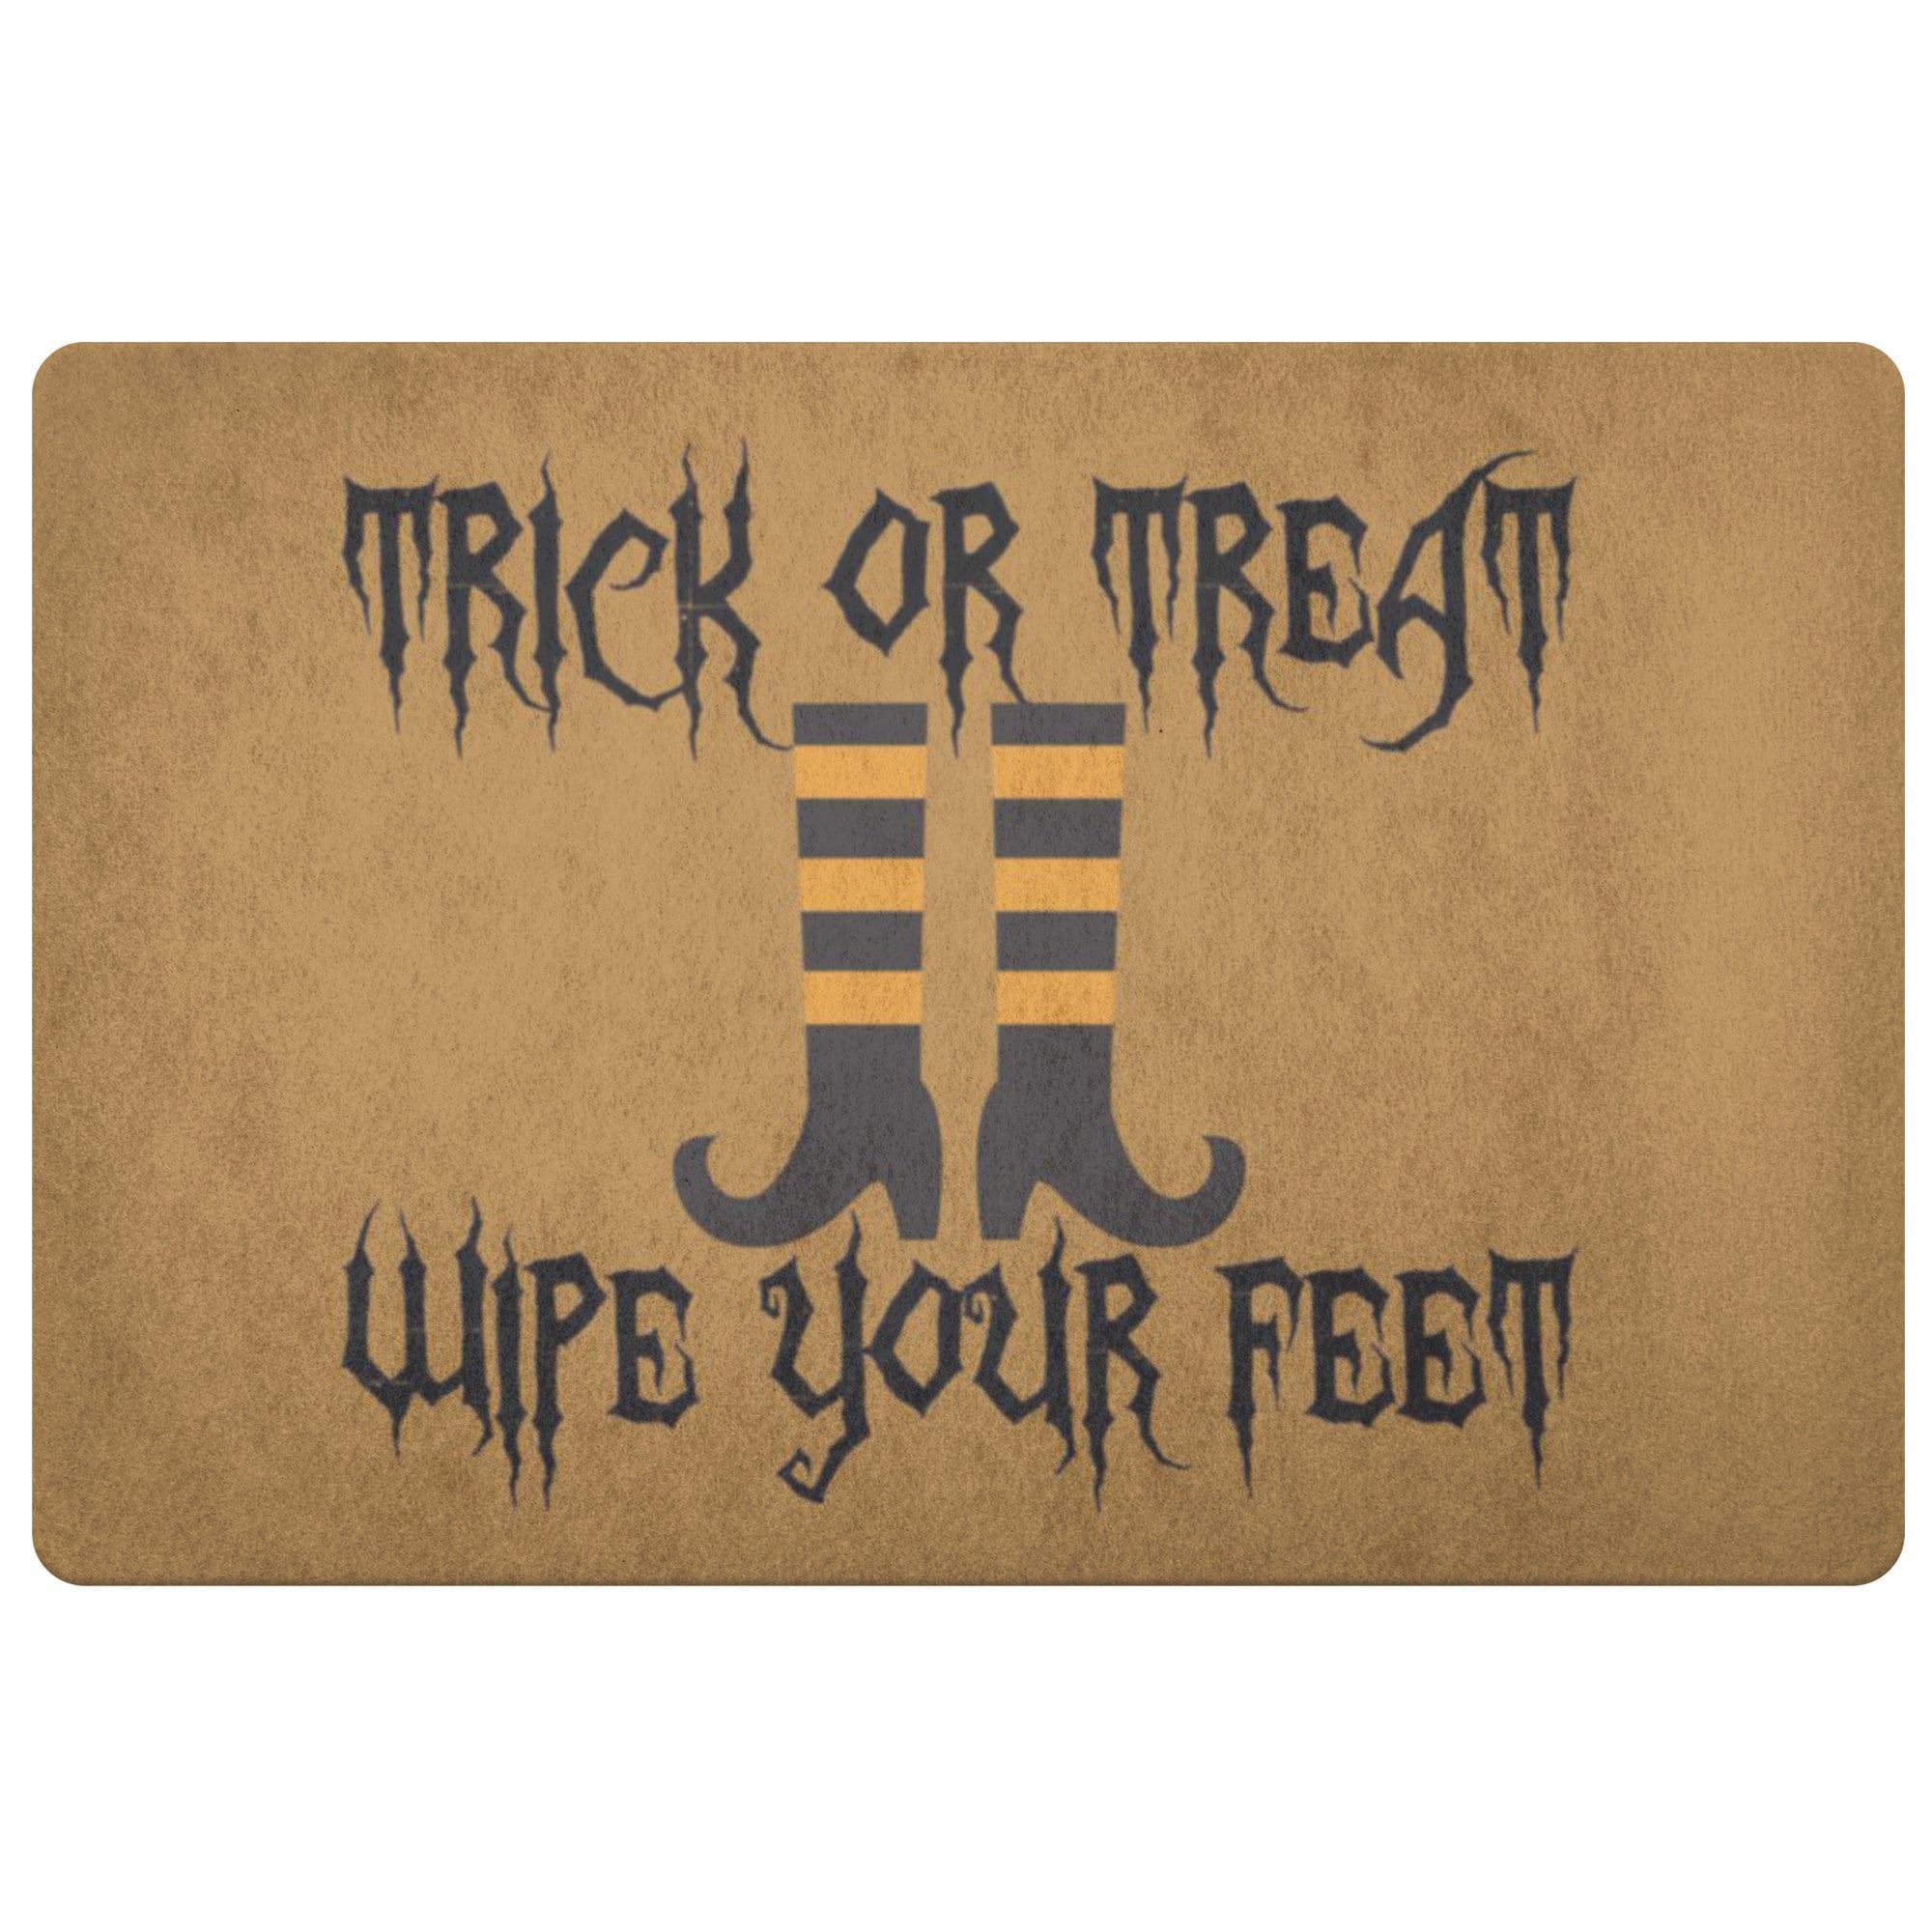 wipe your feet! Trick or treat Grim reaper leave your soles Funny Halloween Doormat!